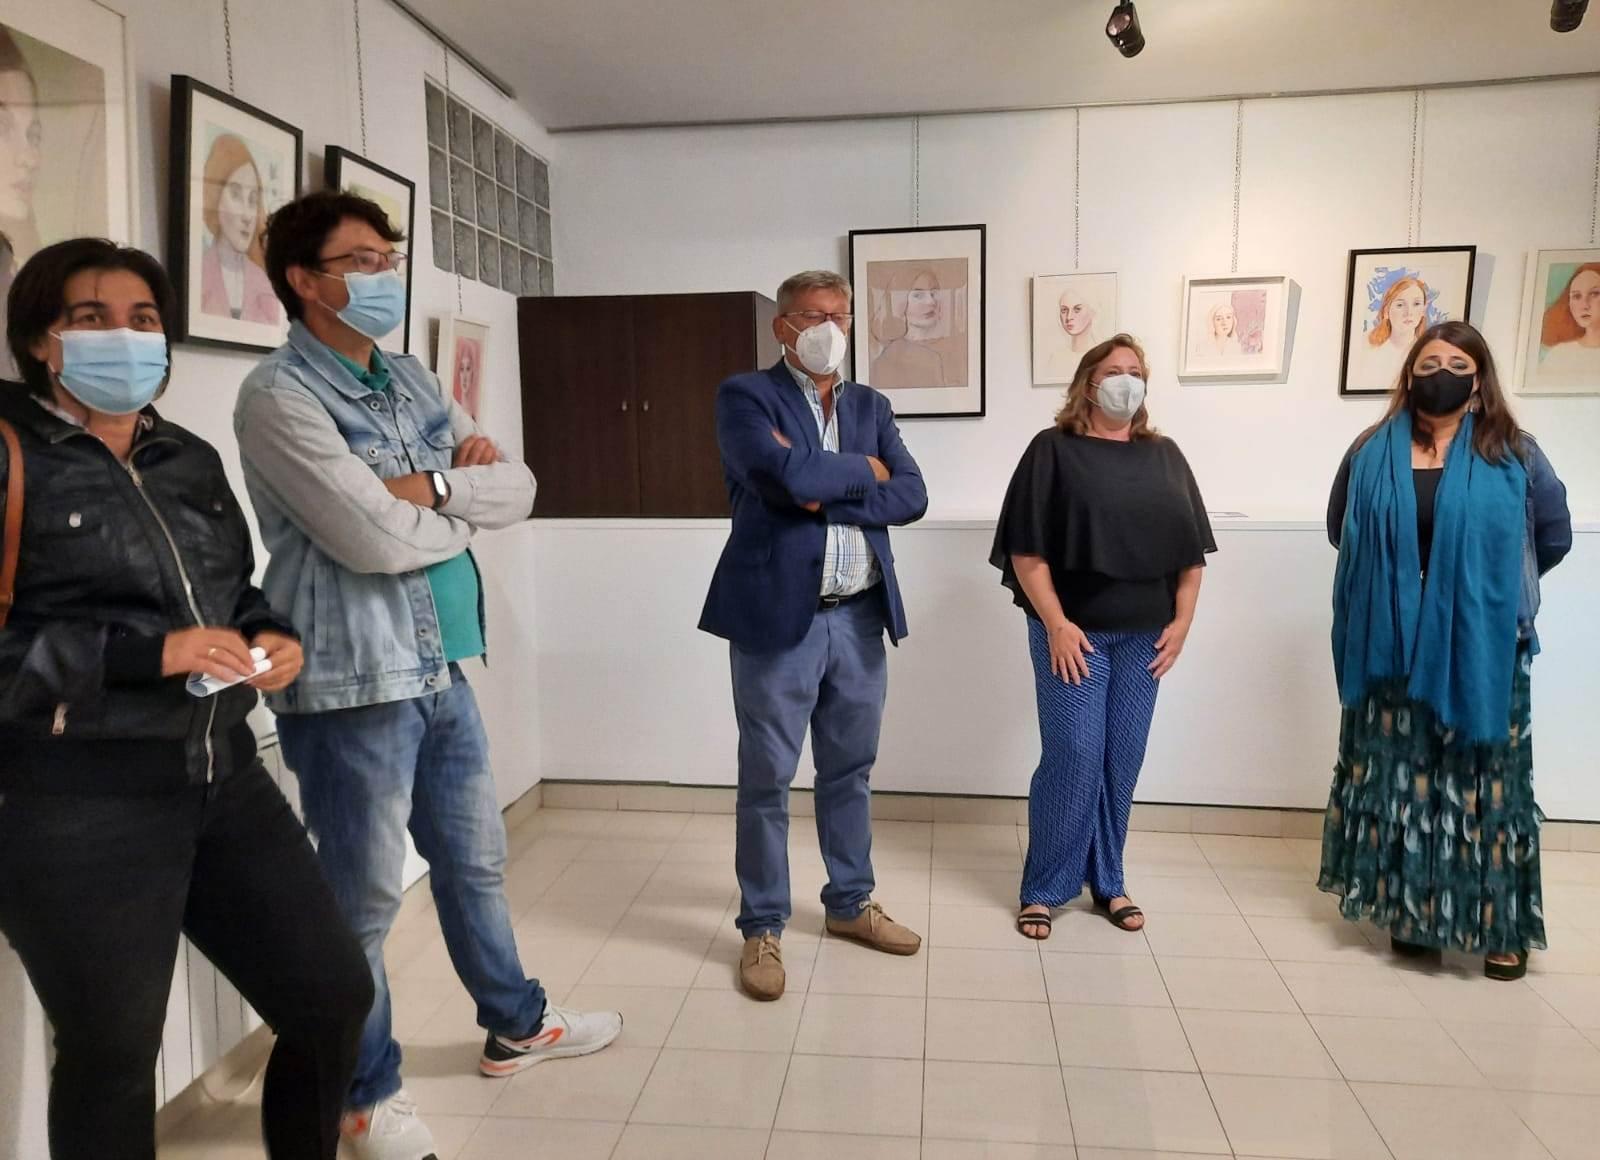 Inaugurada no Viejo Pancho a exposición 'Miradas. De dentro hacia fuera' de Esther Páez, enmarcada no programa do X Fórum de Innovación e Formación sobre Vehículos